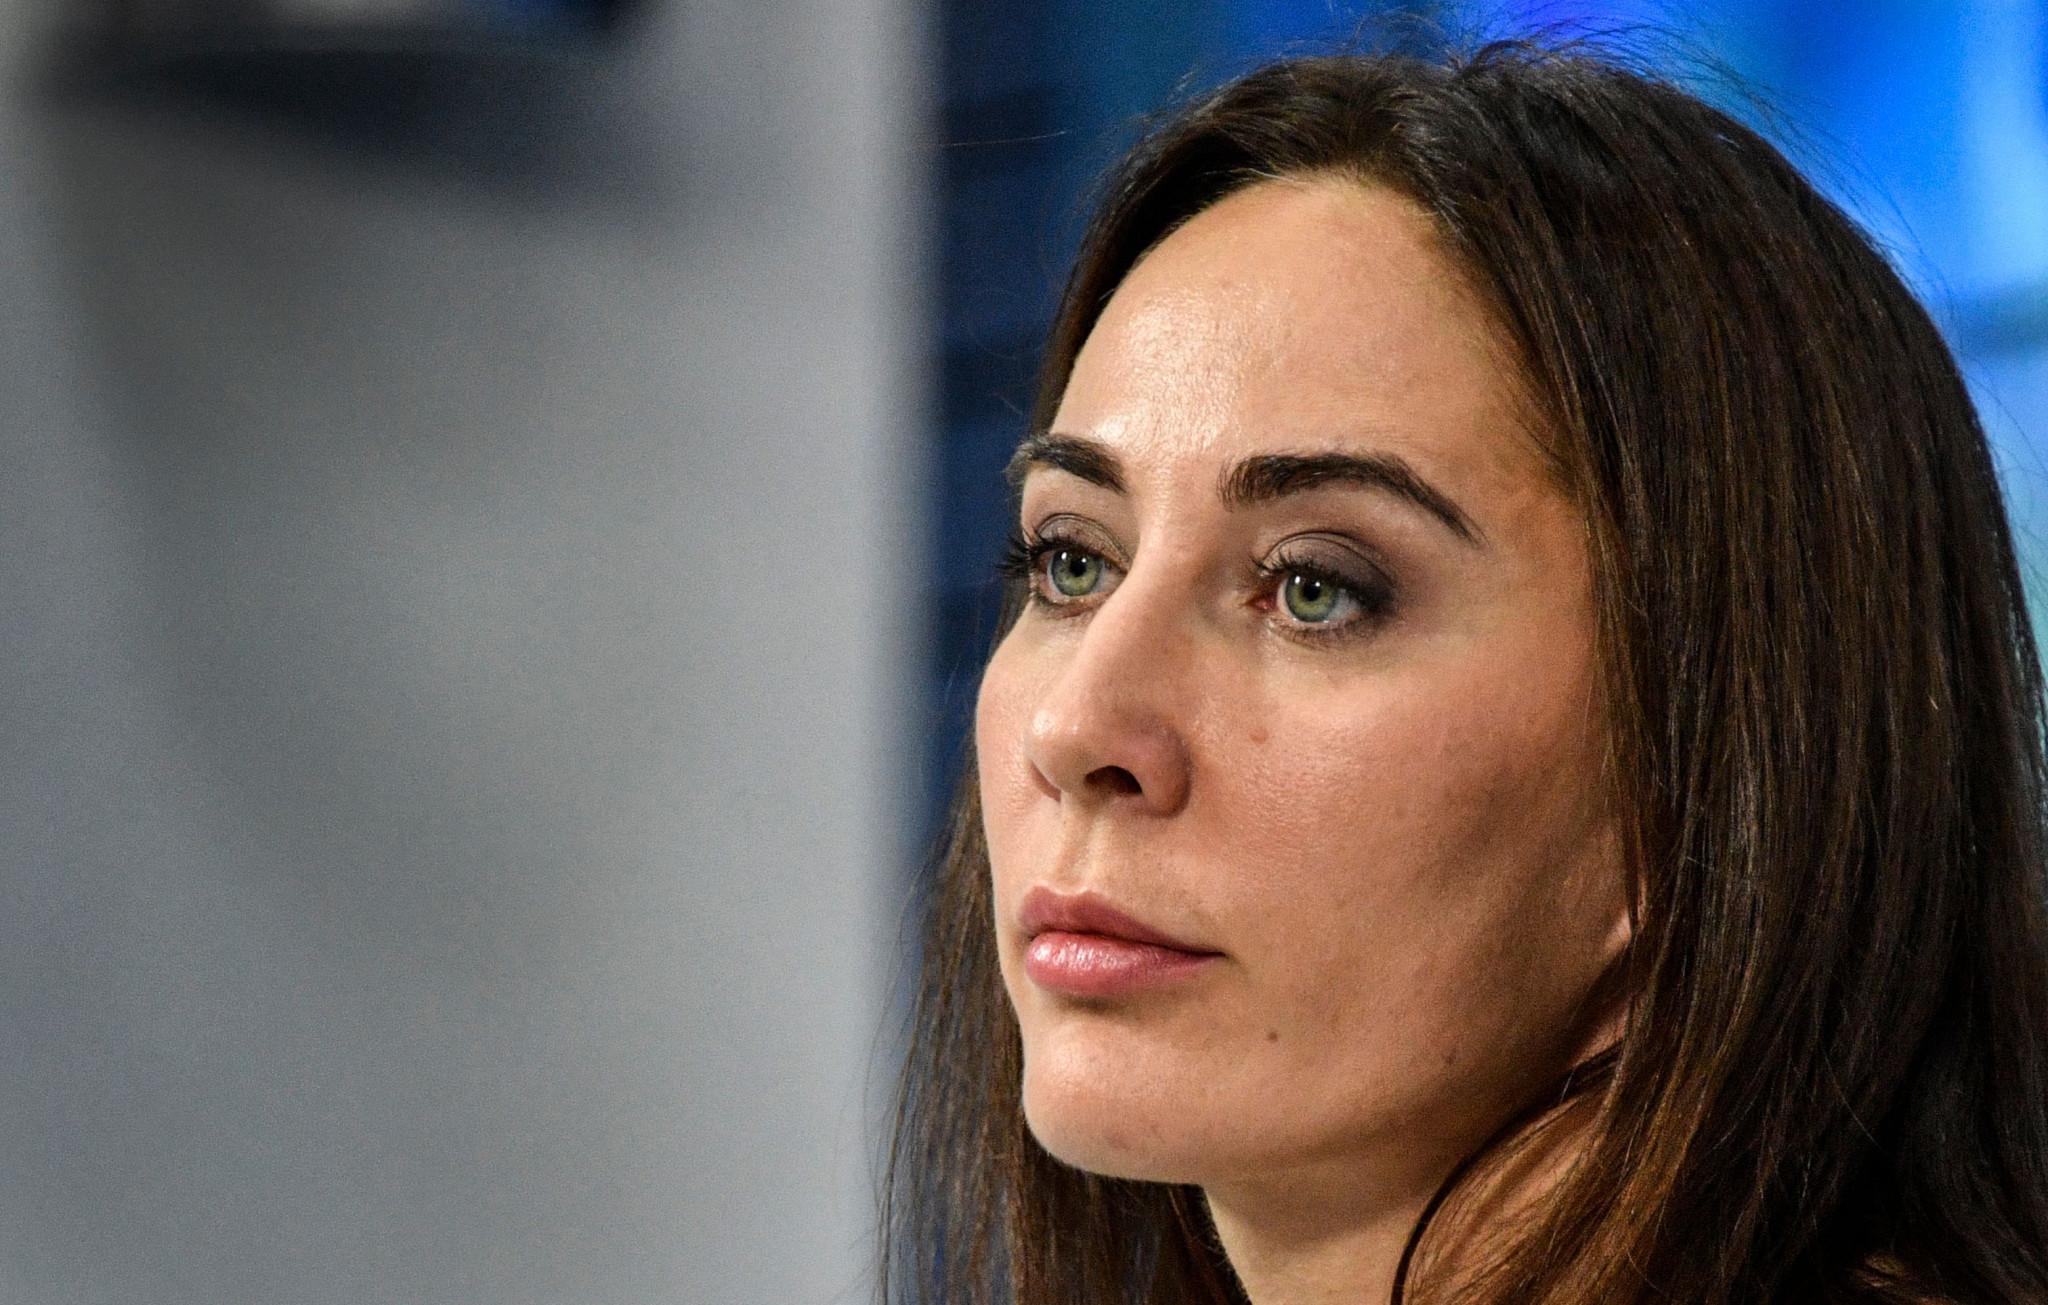 La directrice générale adjointe de RUSADA, Margarita Pakhnotskaya, a révélé que 13 cas de dopage impliquant des athlètes russes avaient été enregistrés en avril, alors qu'un footballeur russe de Premier League aurait été testé positif © Getty Images